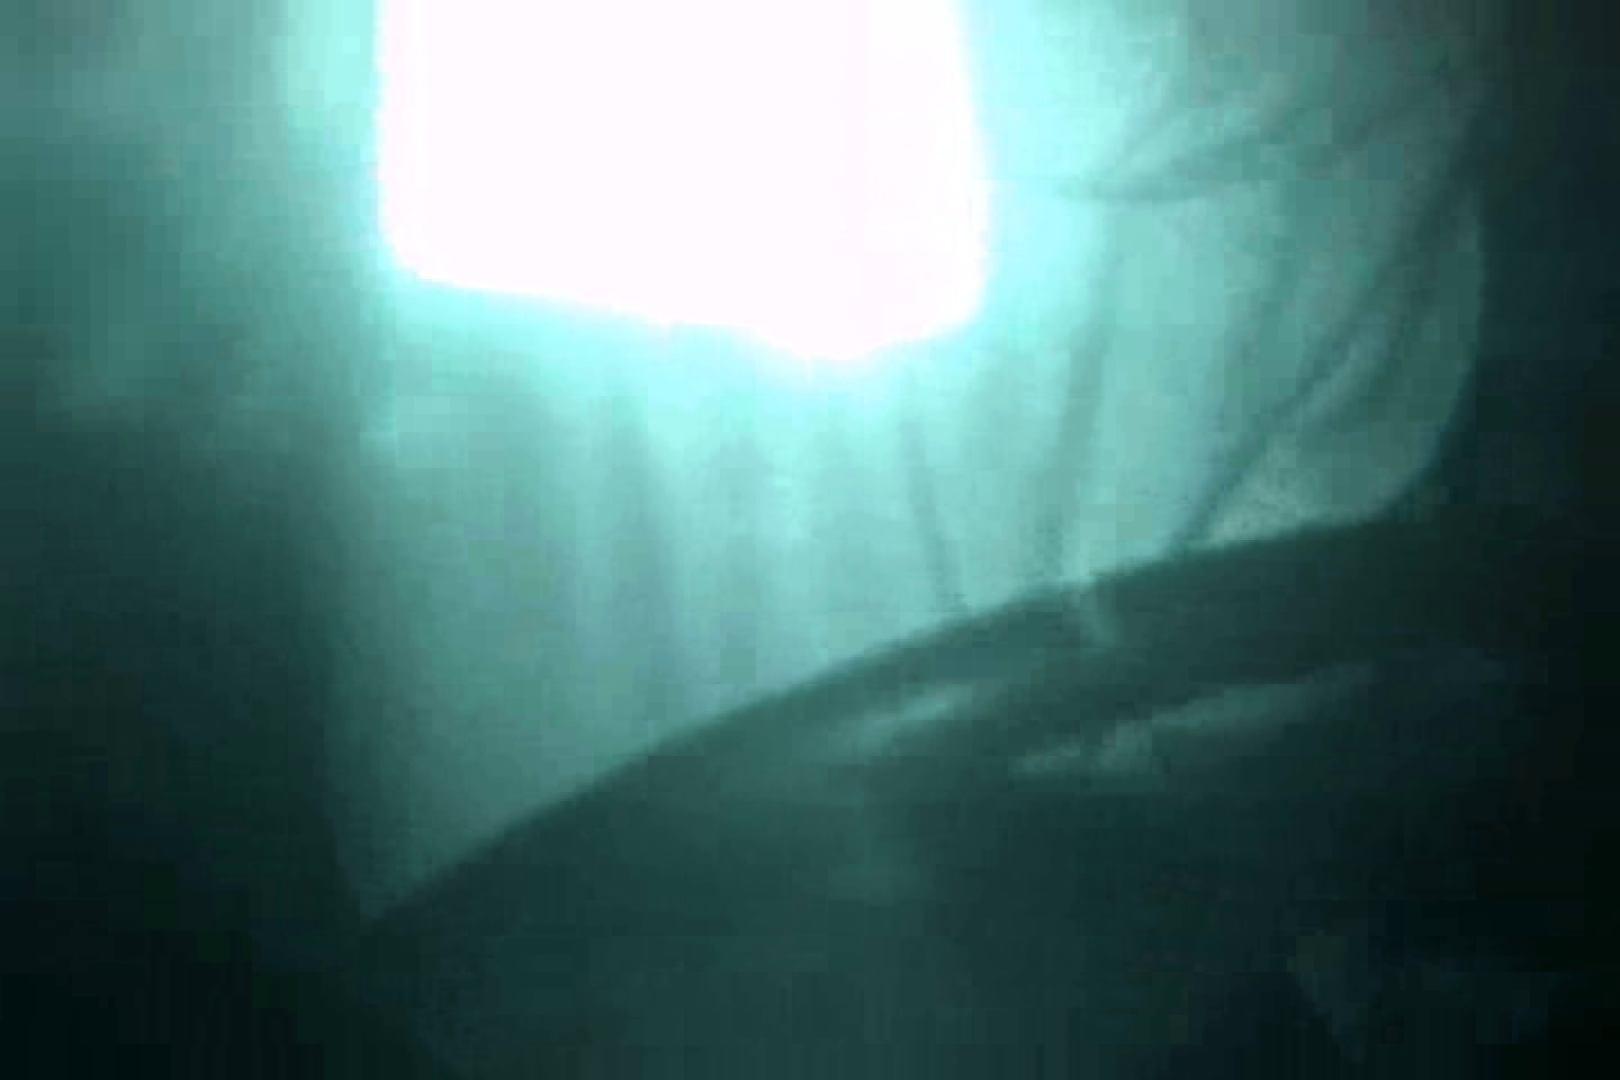 「充血監督」さんの深夜の運動会!! vol.132 カップルのsex おまんこ無修正動画無料 111枚 52